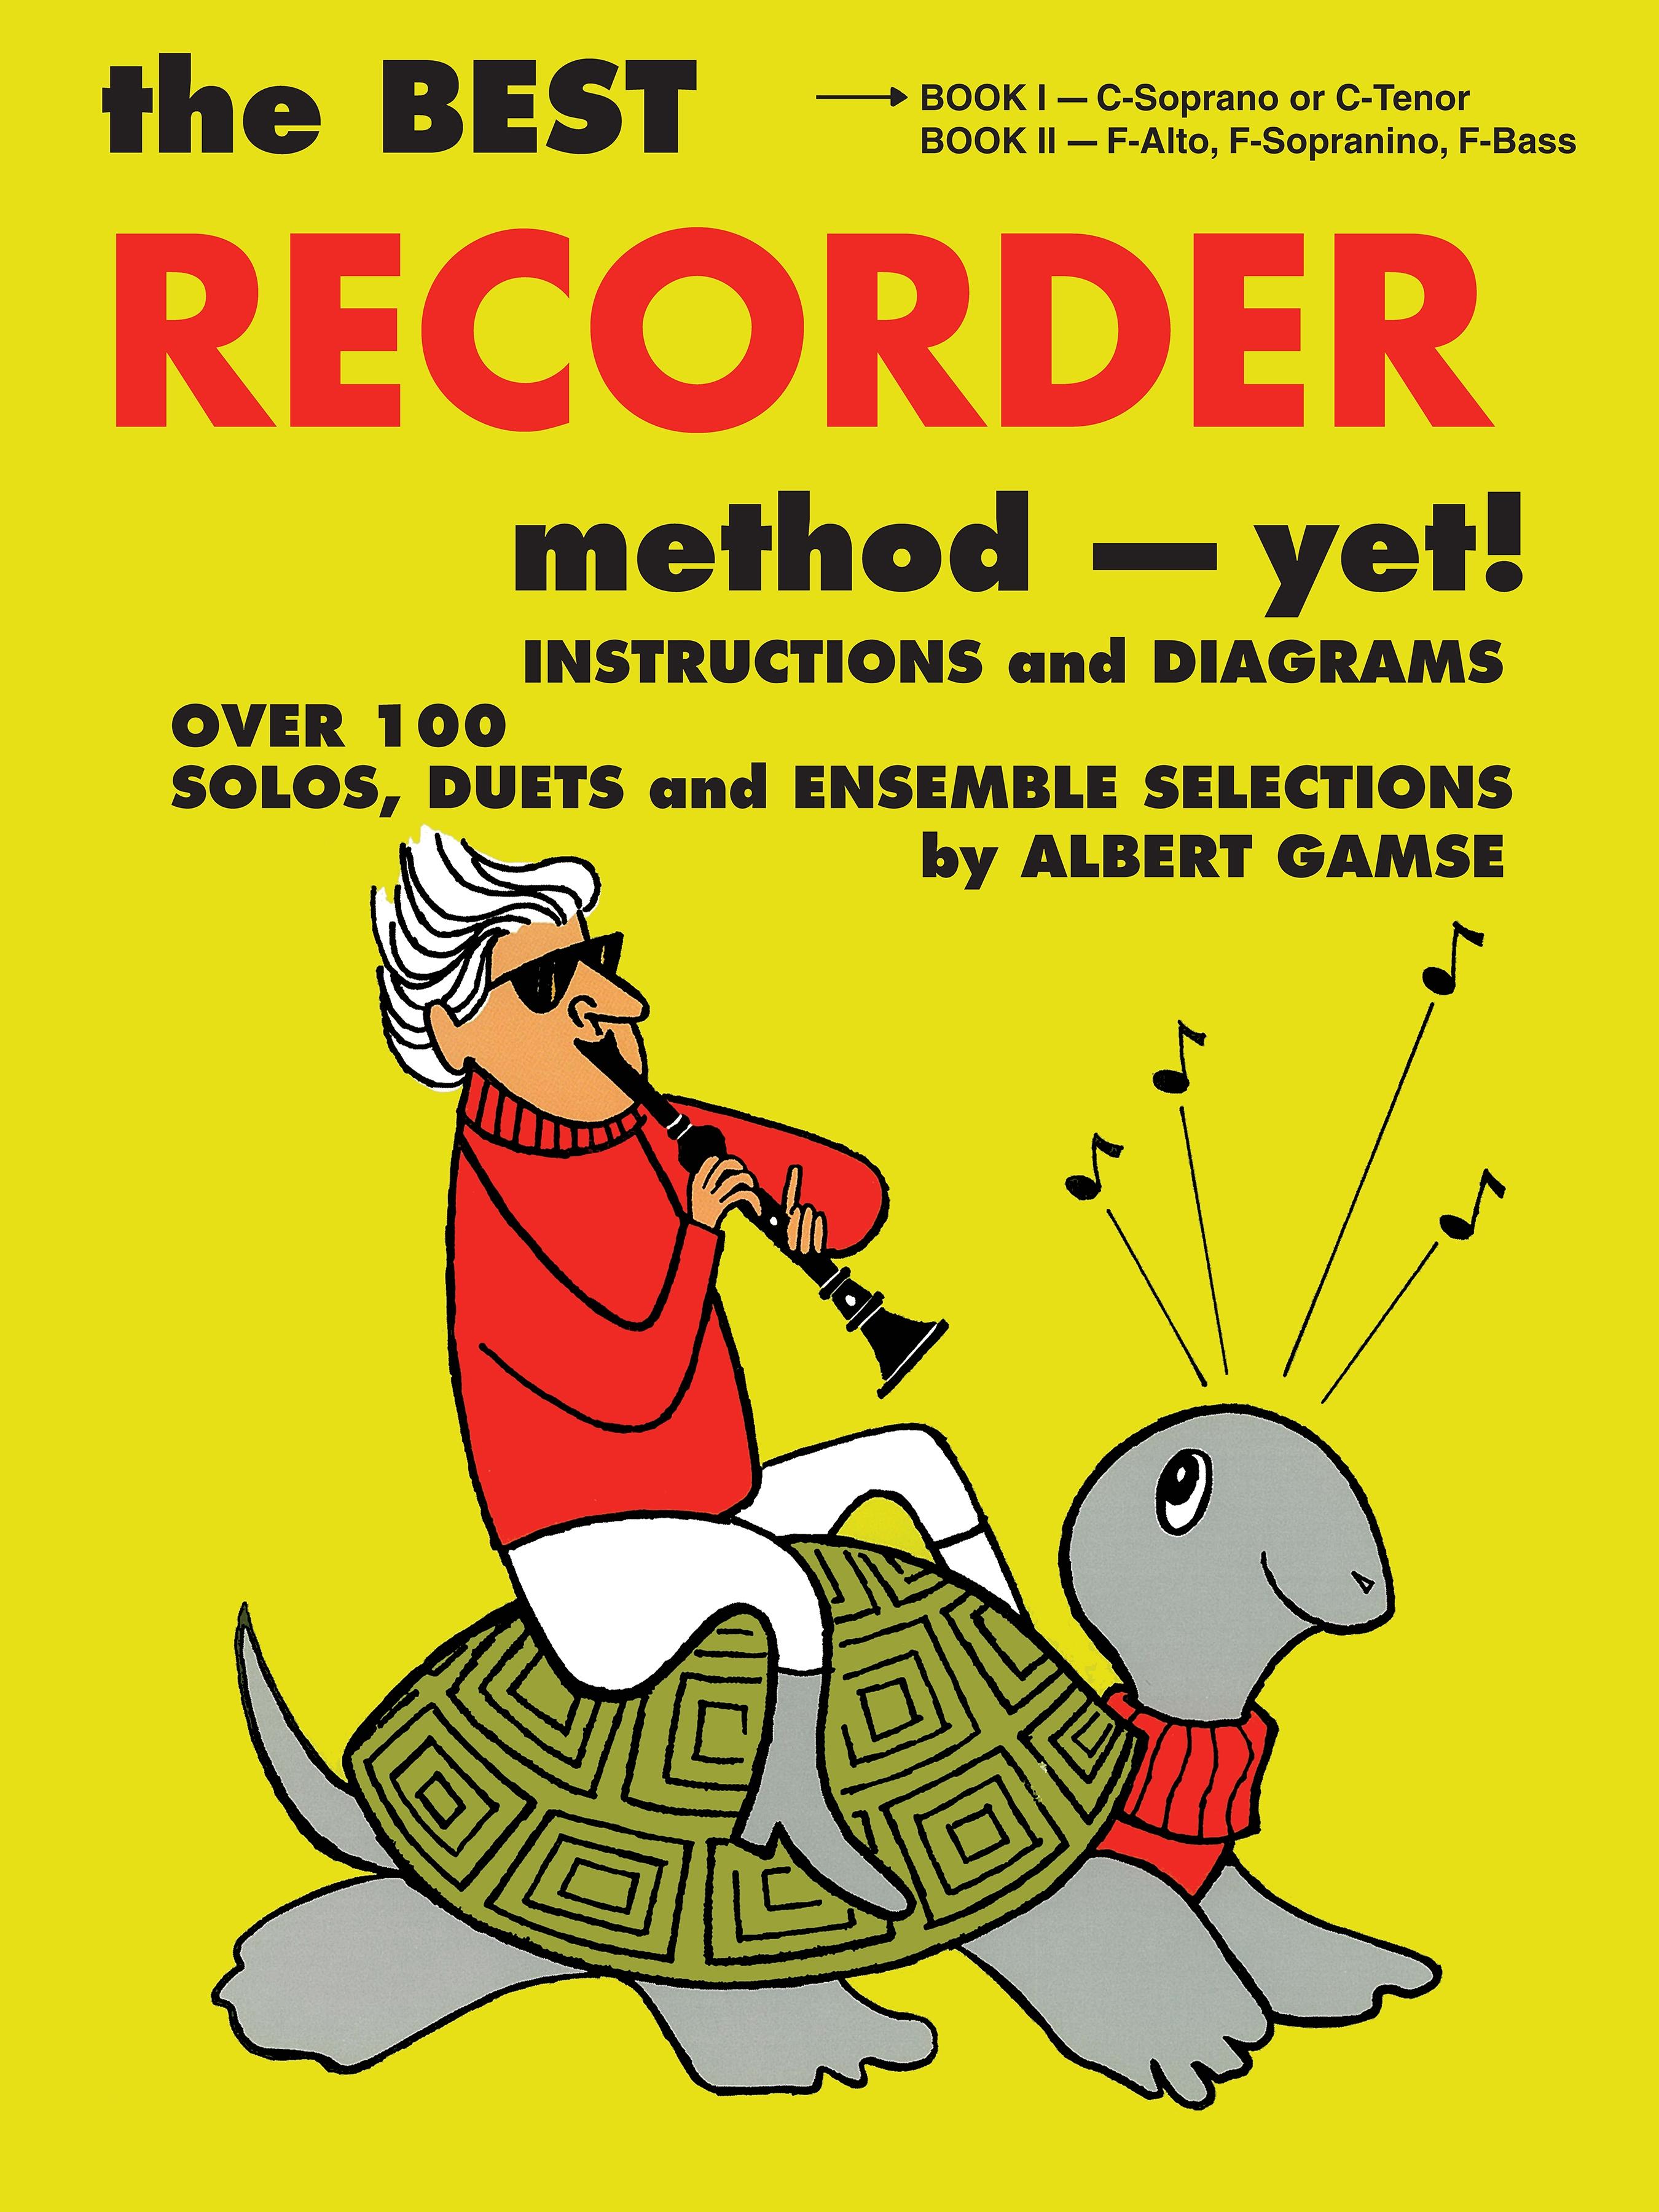 Best Recorder Method Yet-Soprano